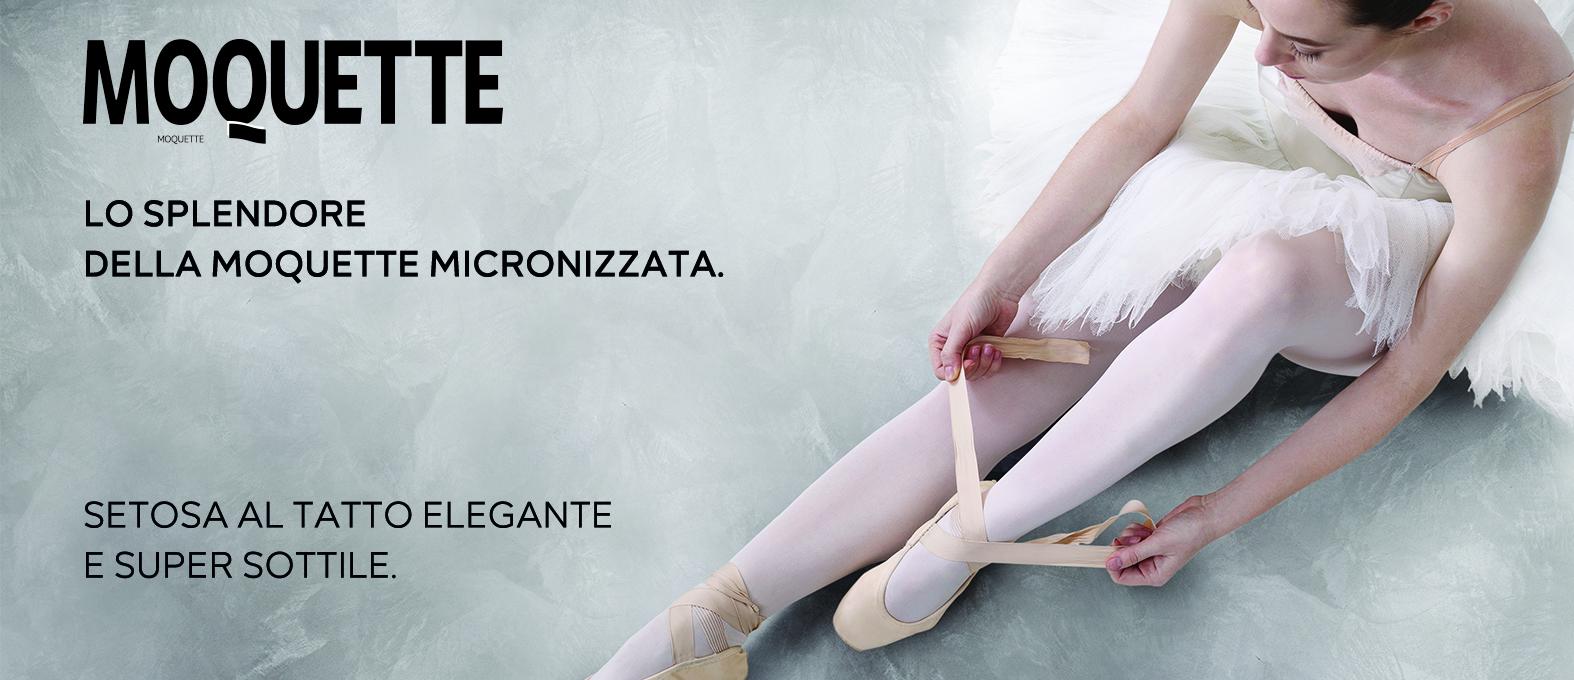 slidere-presentazione-prodotti-sito_2moquette